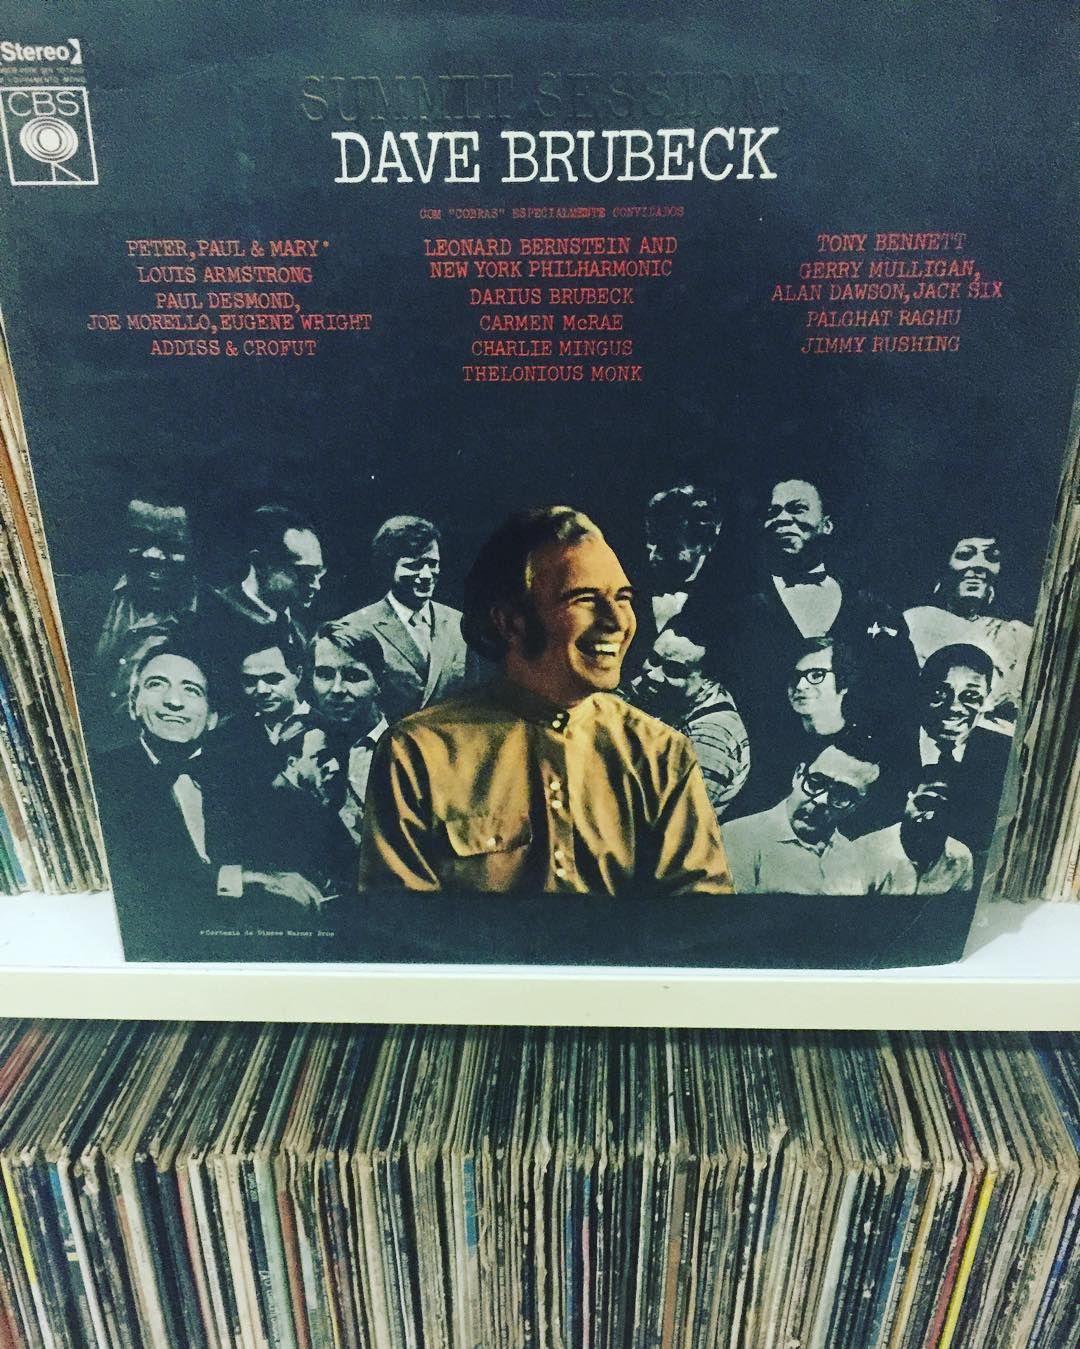 #vinylcollection #VinylOfTheDay #Vinyl  #vinyljunkie #music #record #recordcollector #recordcollection #nowspinning #vinylrecord #vinylrecords #instavinyl #records #vinylporn #vinyladdict #vinylcollector #vinylcommunity #jazz #davebrubeck by vinyl_rio